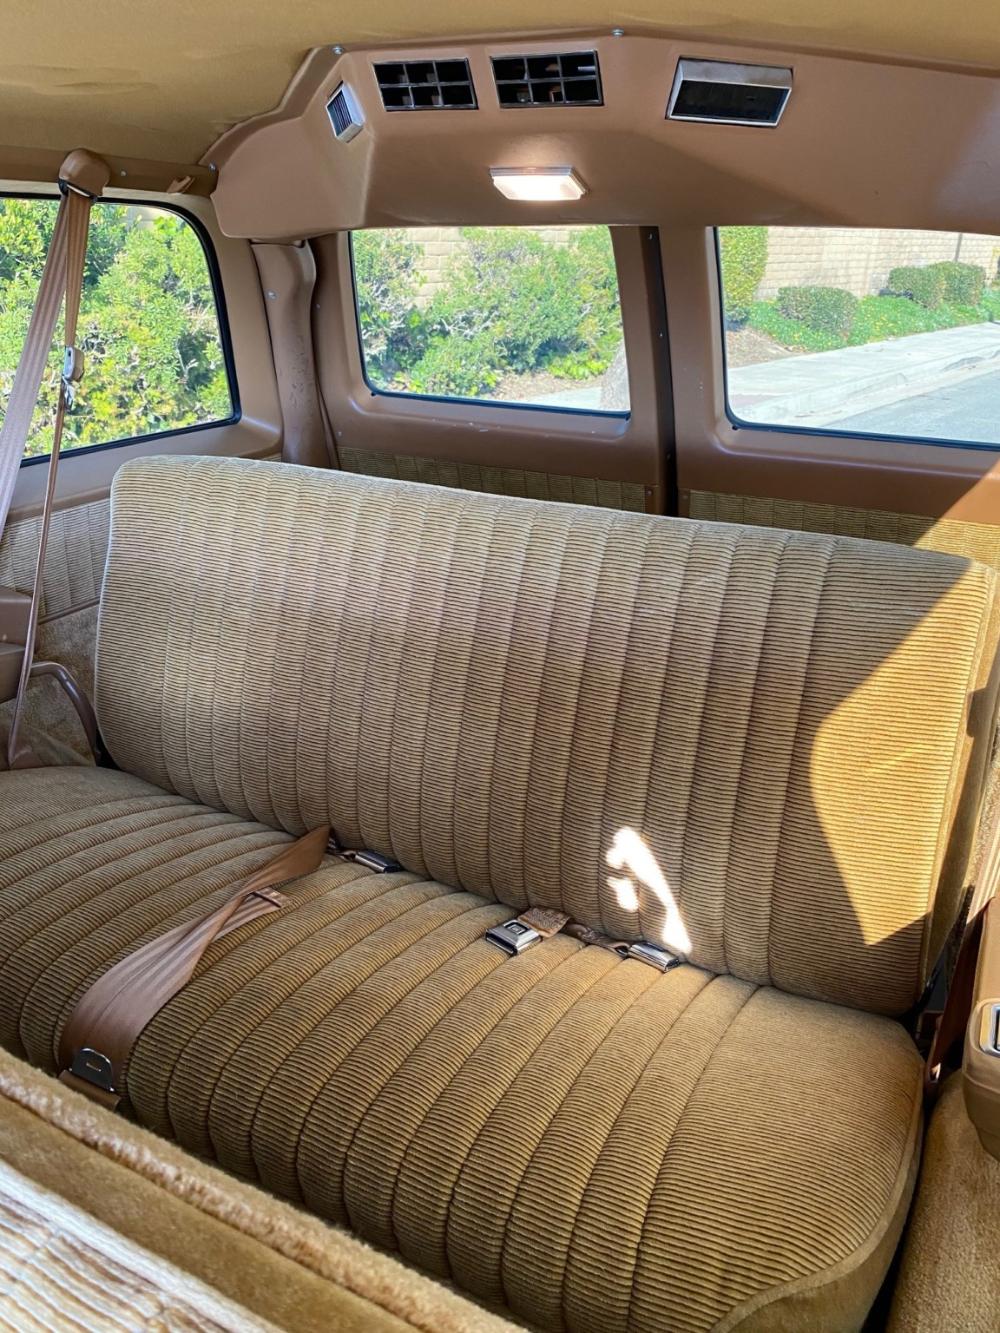 1990 Chevrolet Suburban 1500 4x4 In 2020 Chevrolet Suburban Chevrolet Suburban